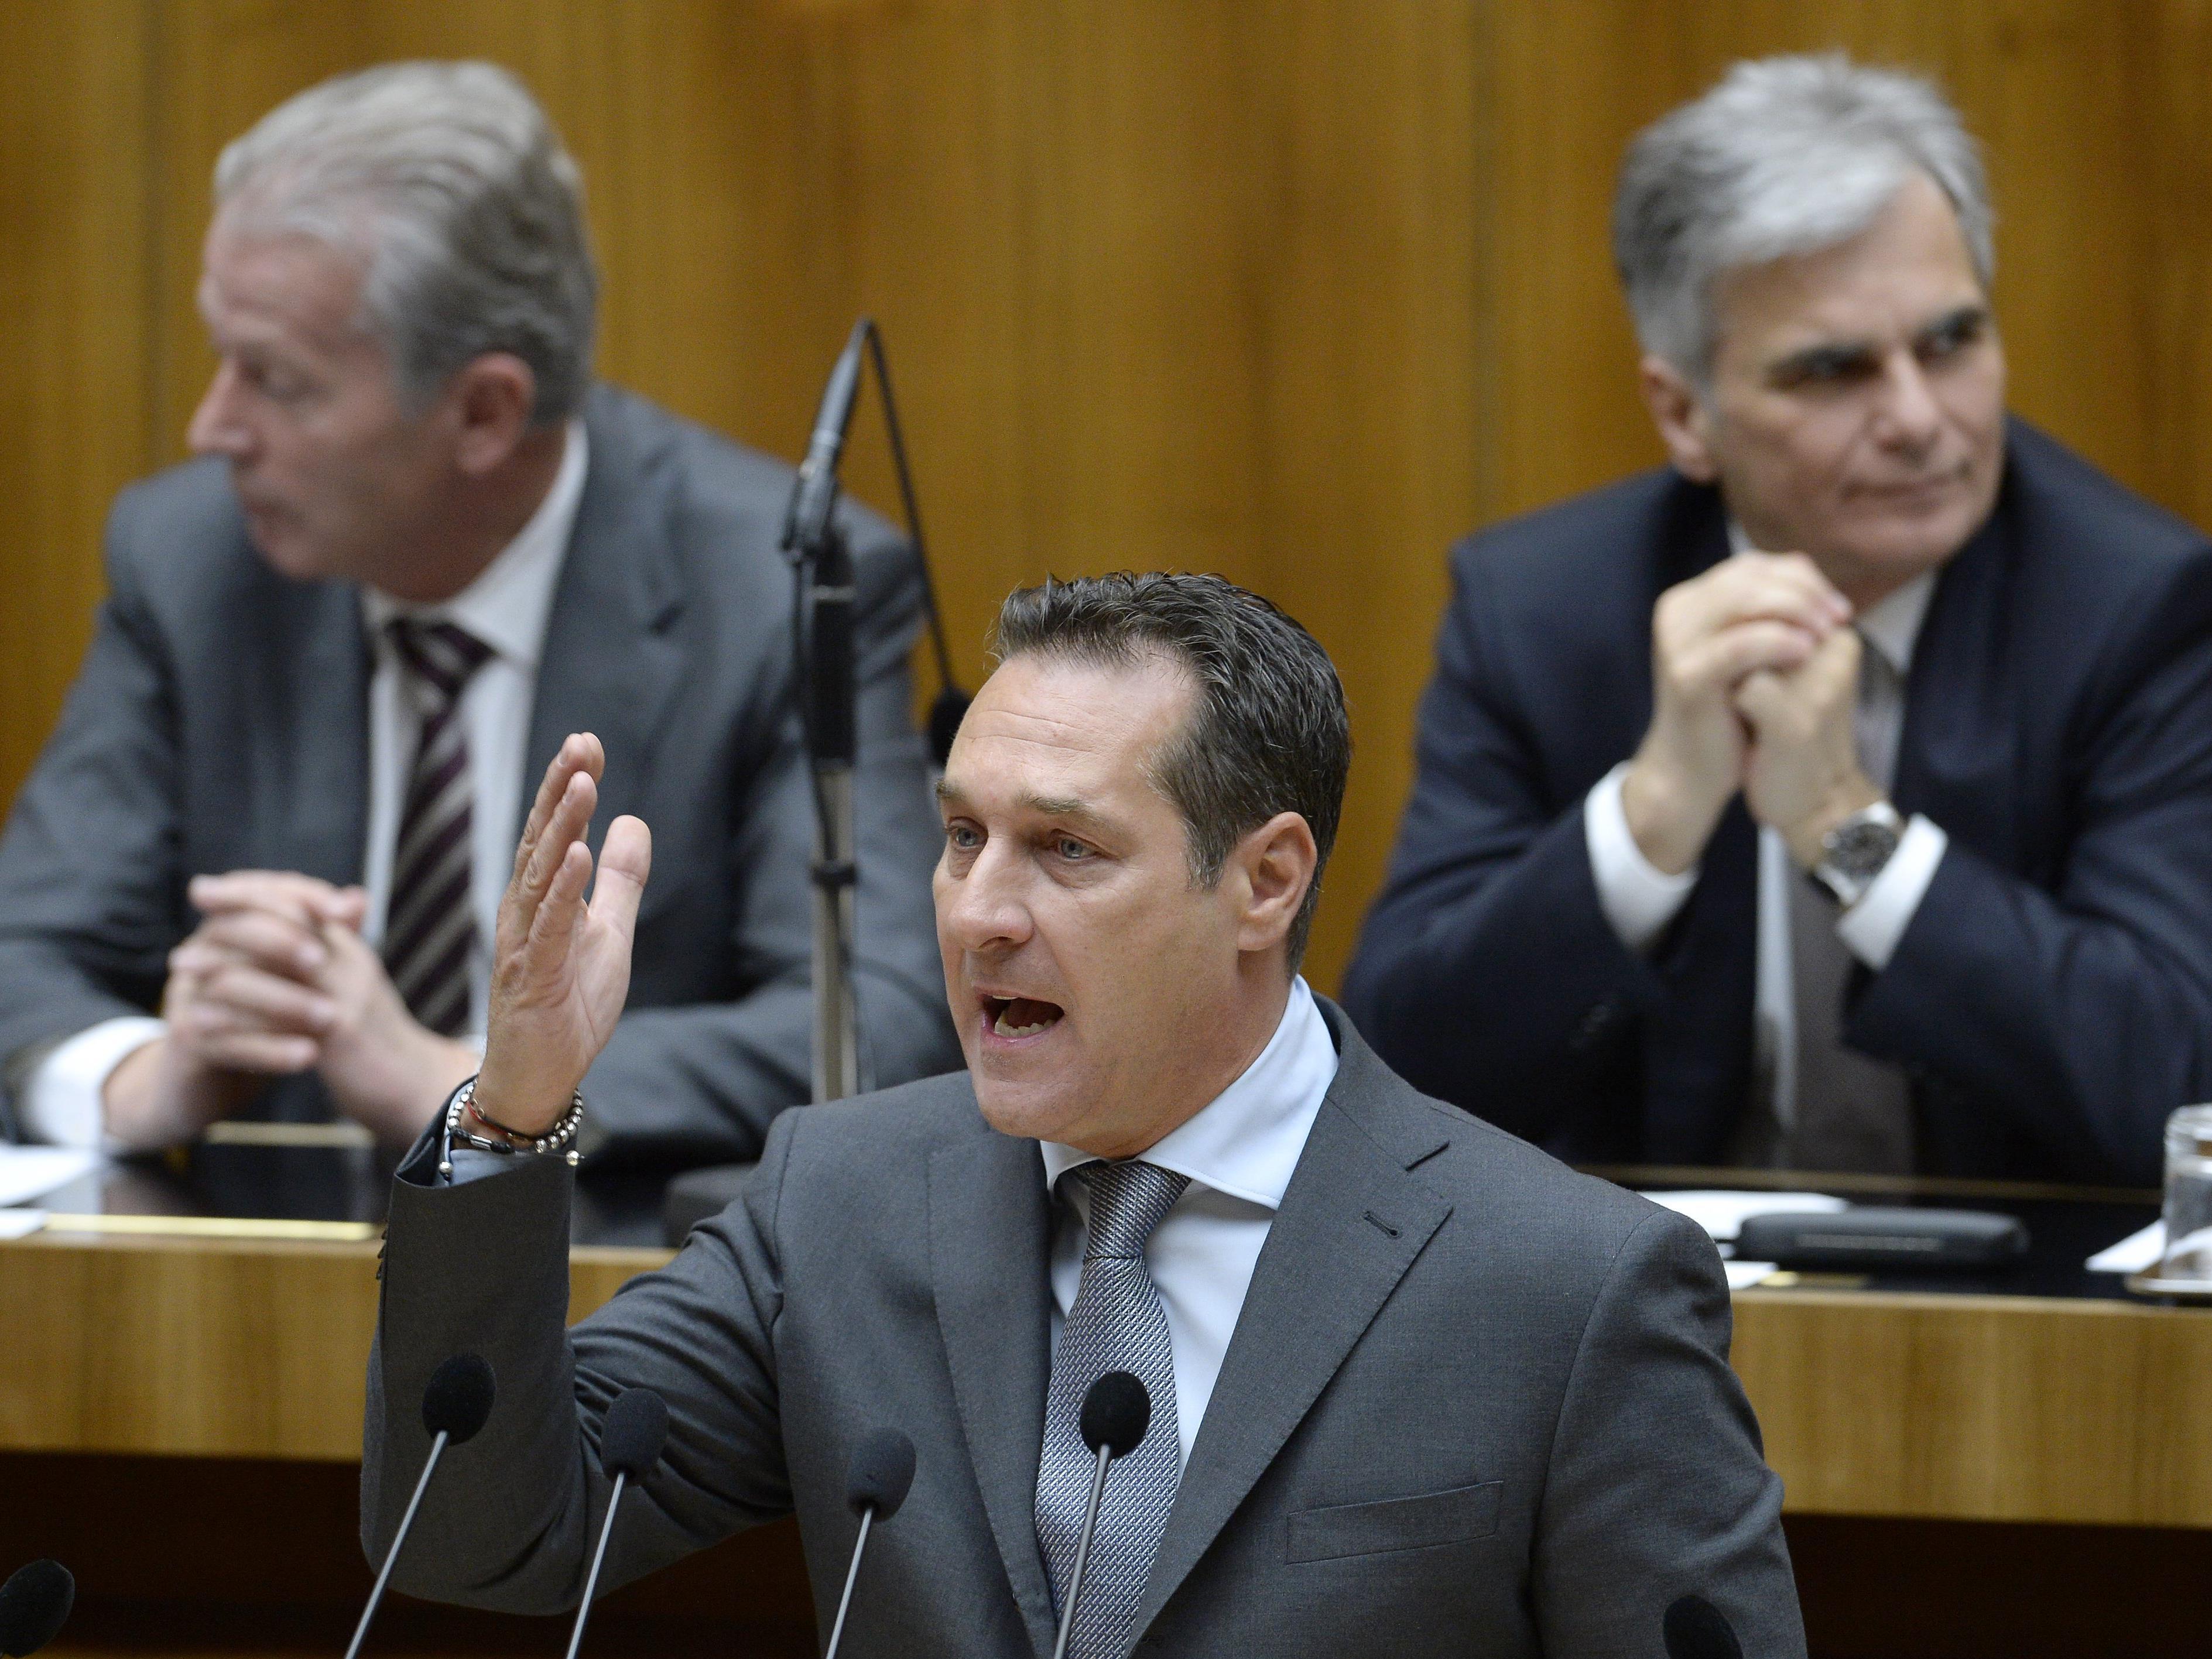 FPÖ, Grüne und NEOS lehnten Vorlage ab.